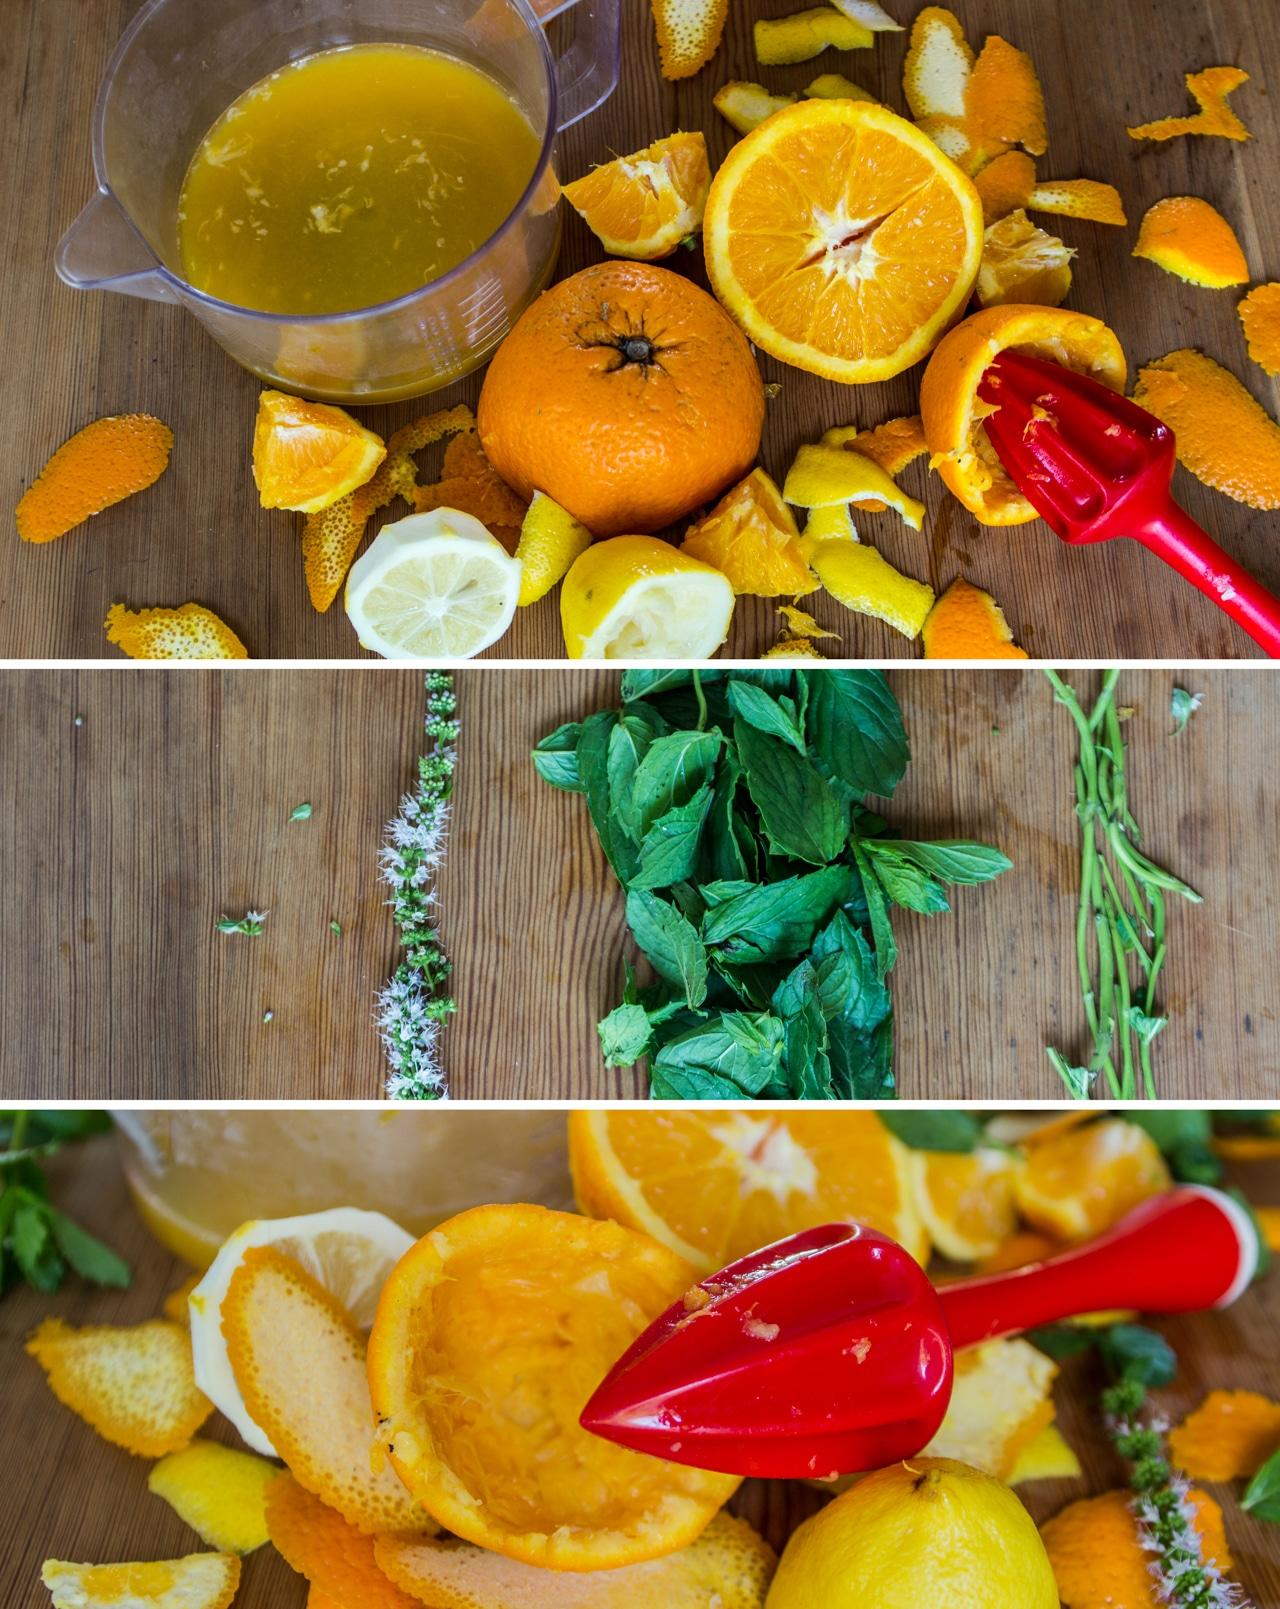 Suroviny na přípravu limonády